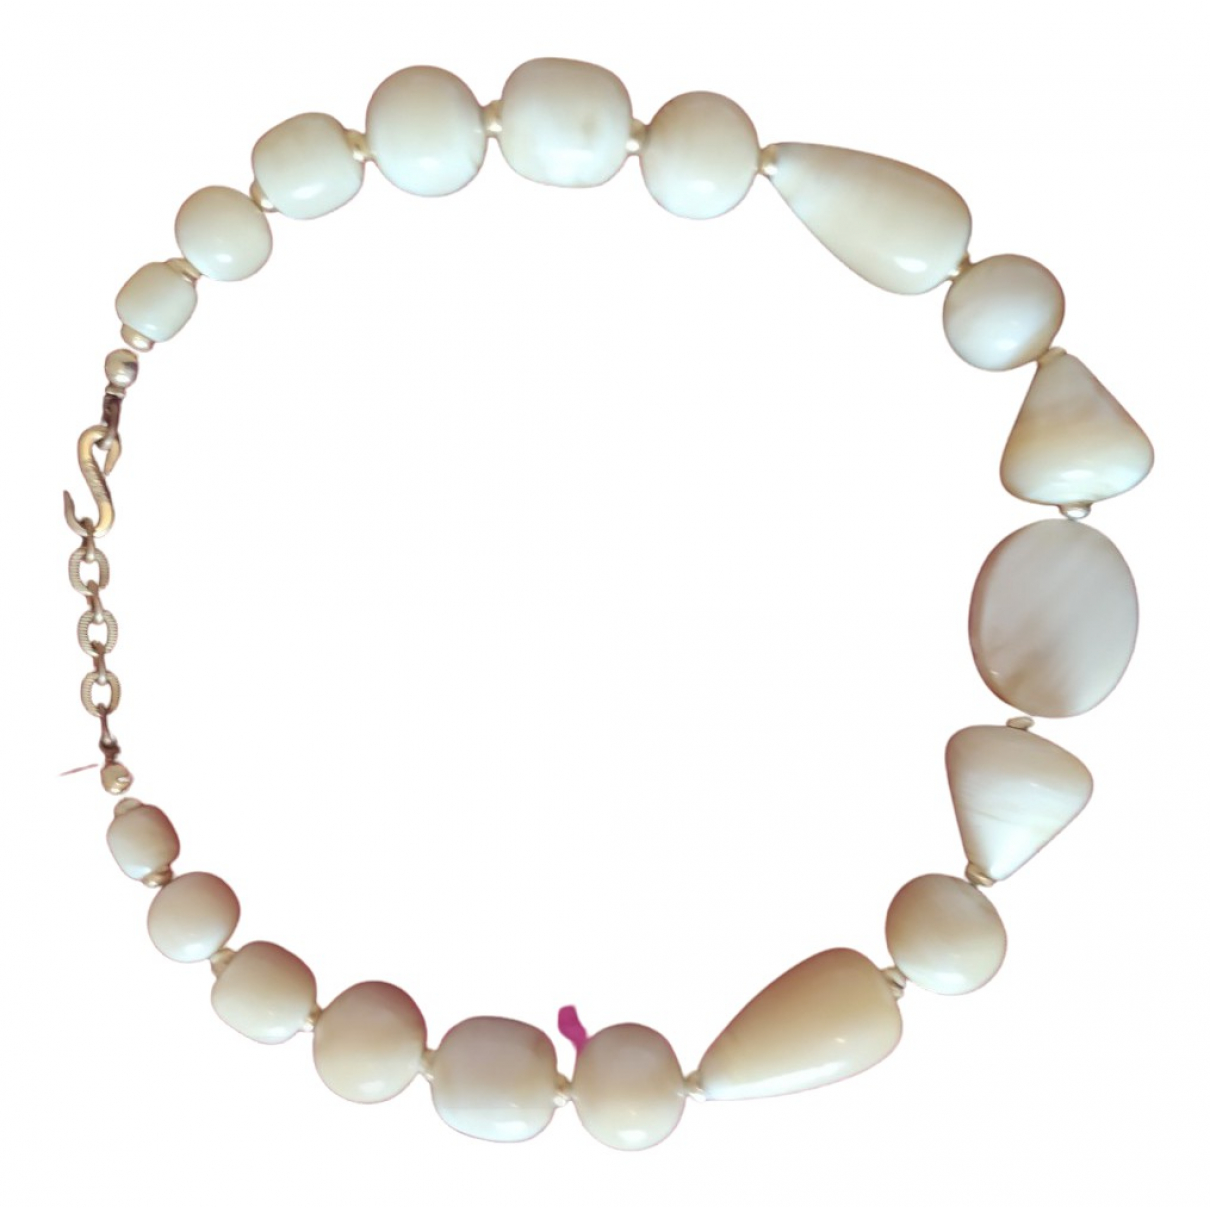 Yves Saint Laurent \N Kette in  Beige Perlen